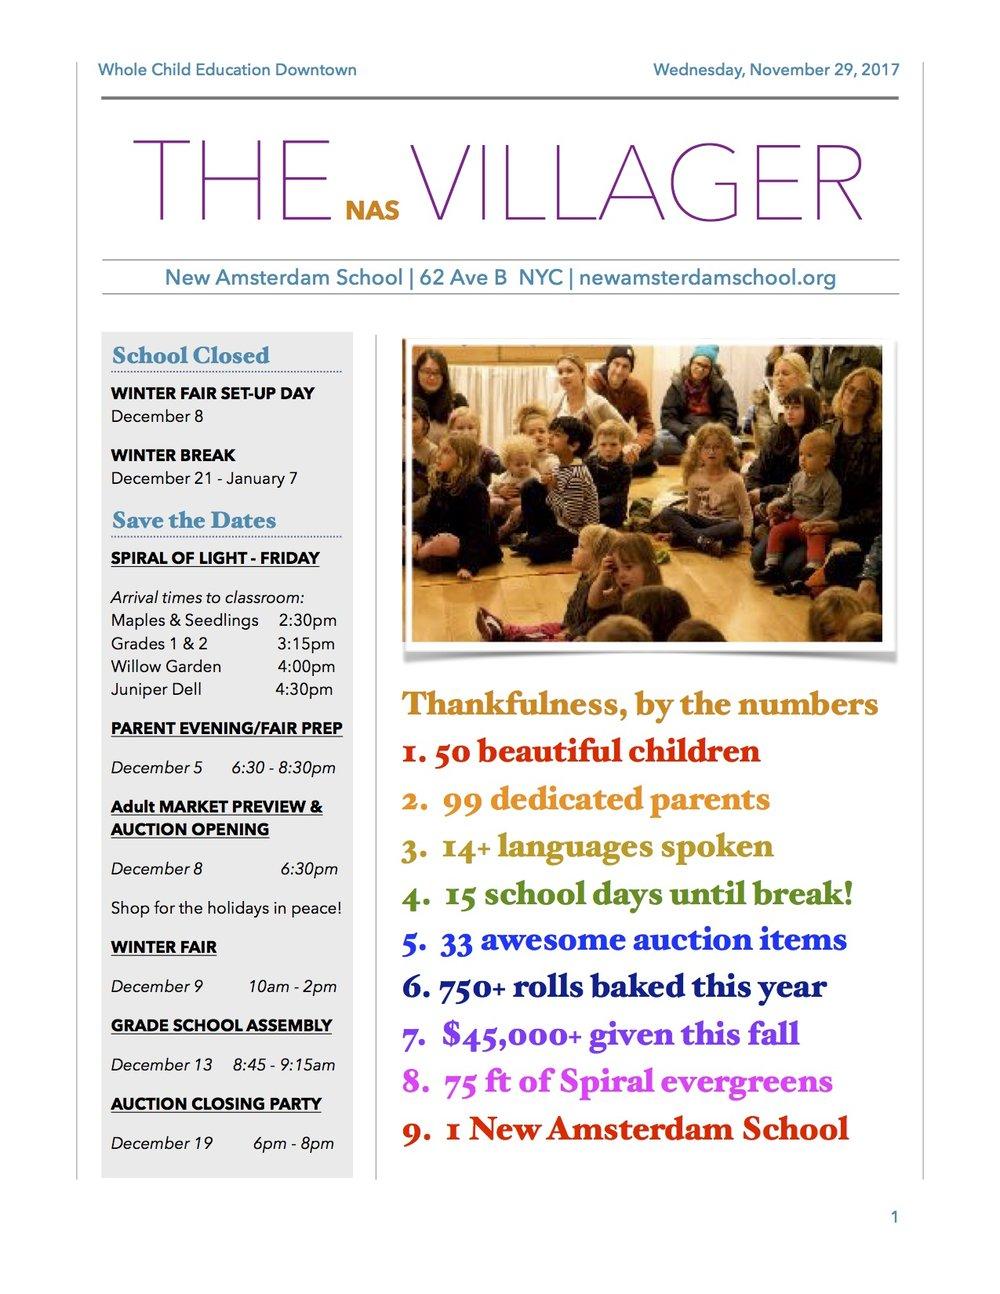 villager-11_29_17.jpg